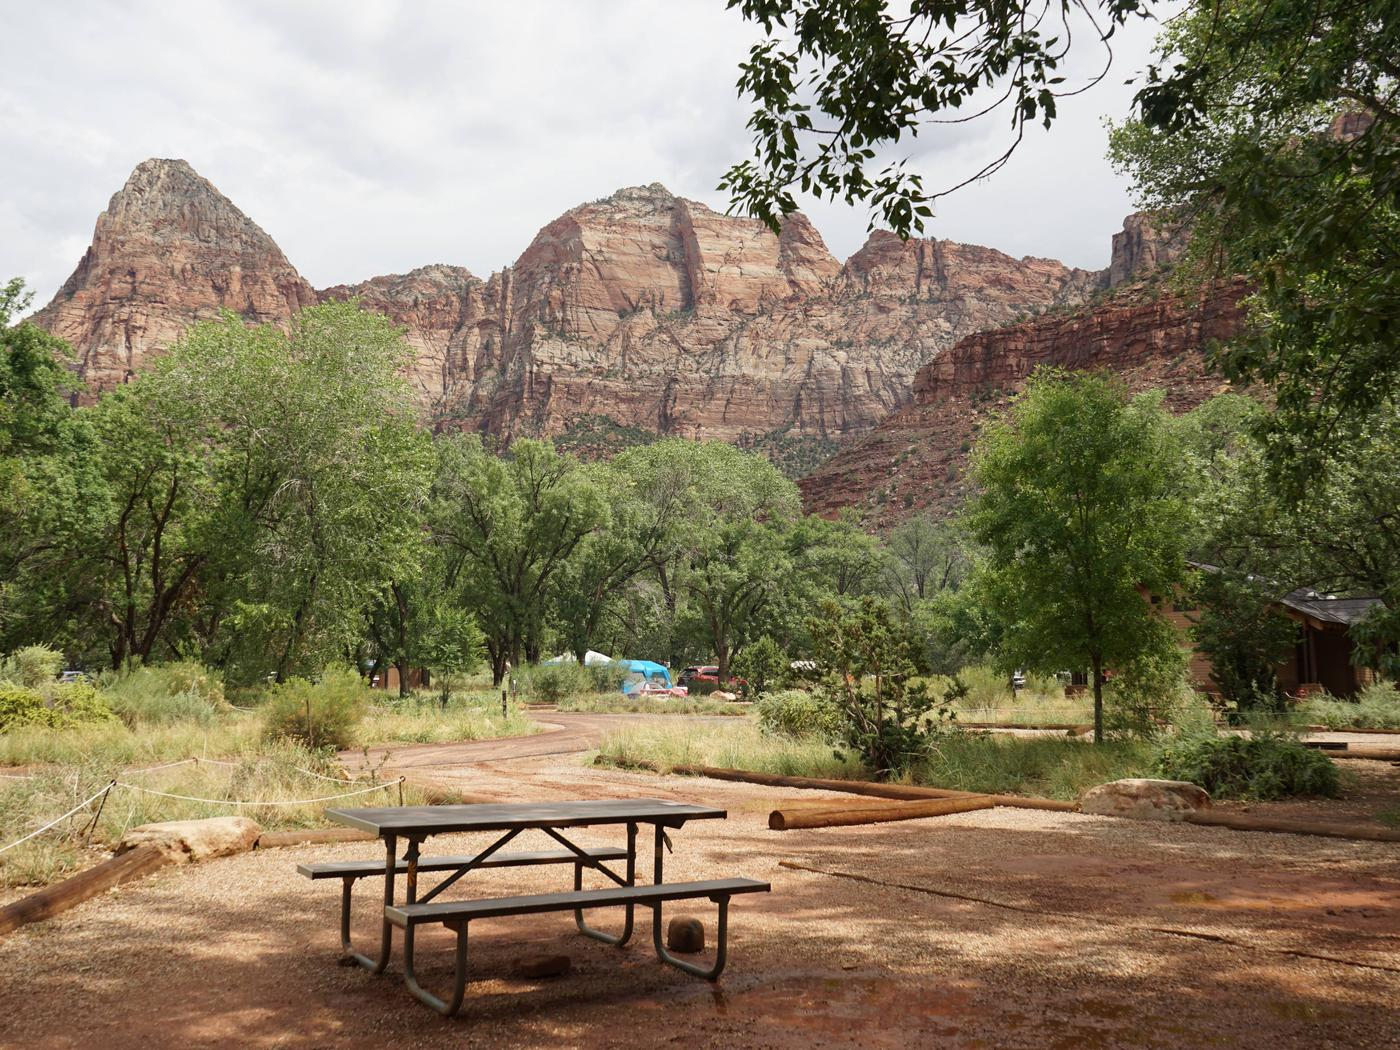 Campsite areaC14